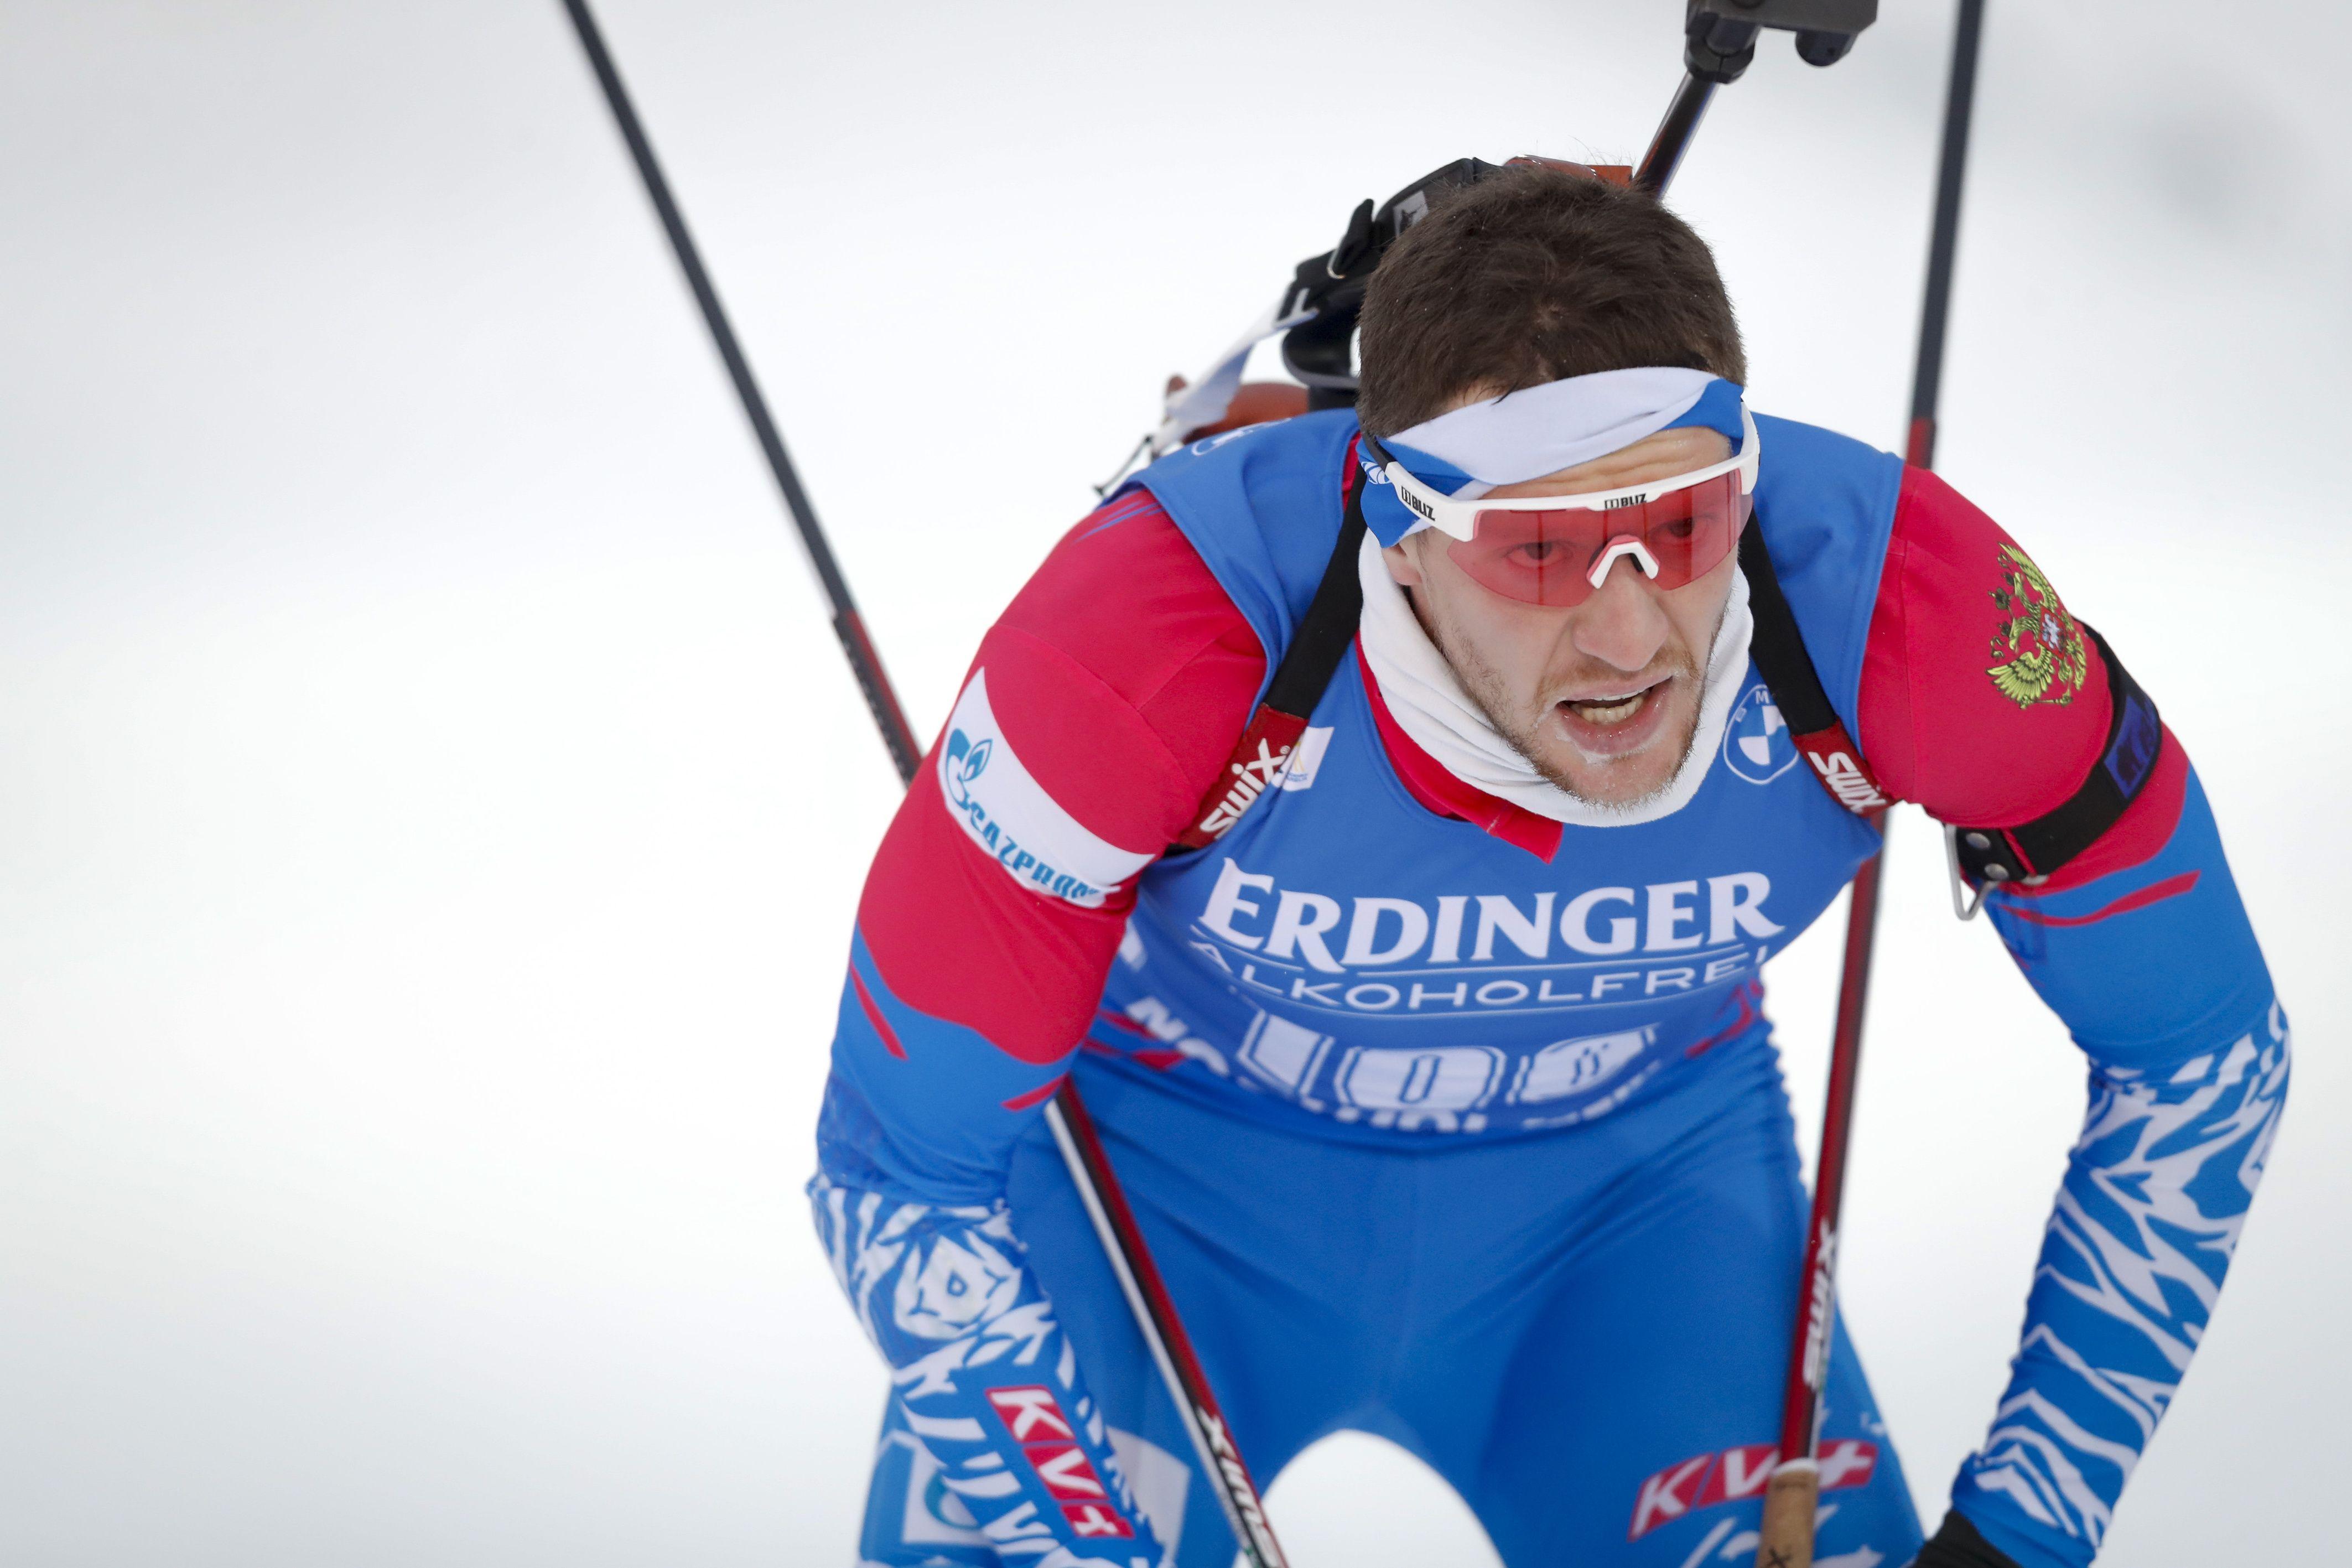 Сучилов показал 10-й результат в спринте на этапе Кубка IBU, Филимонов дисквалифицирован